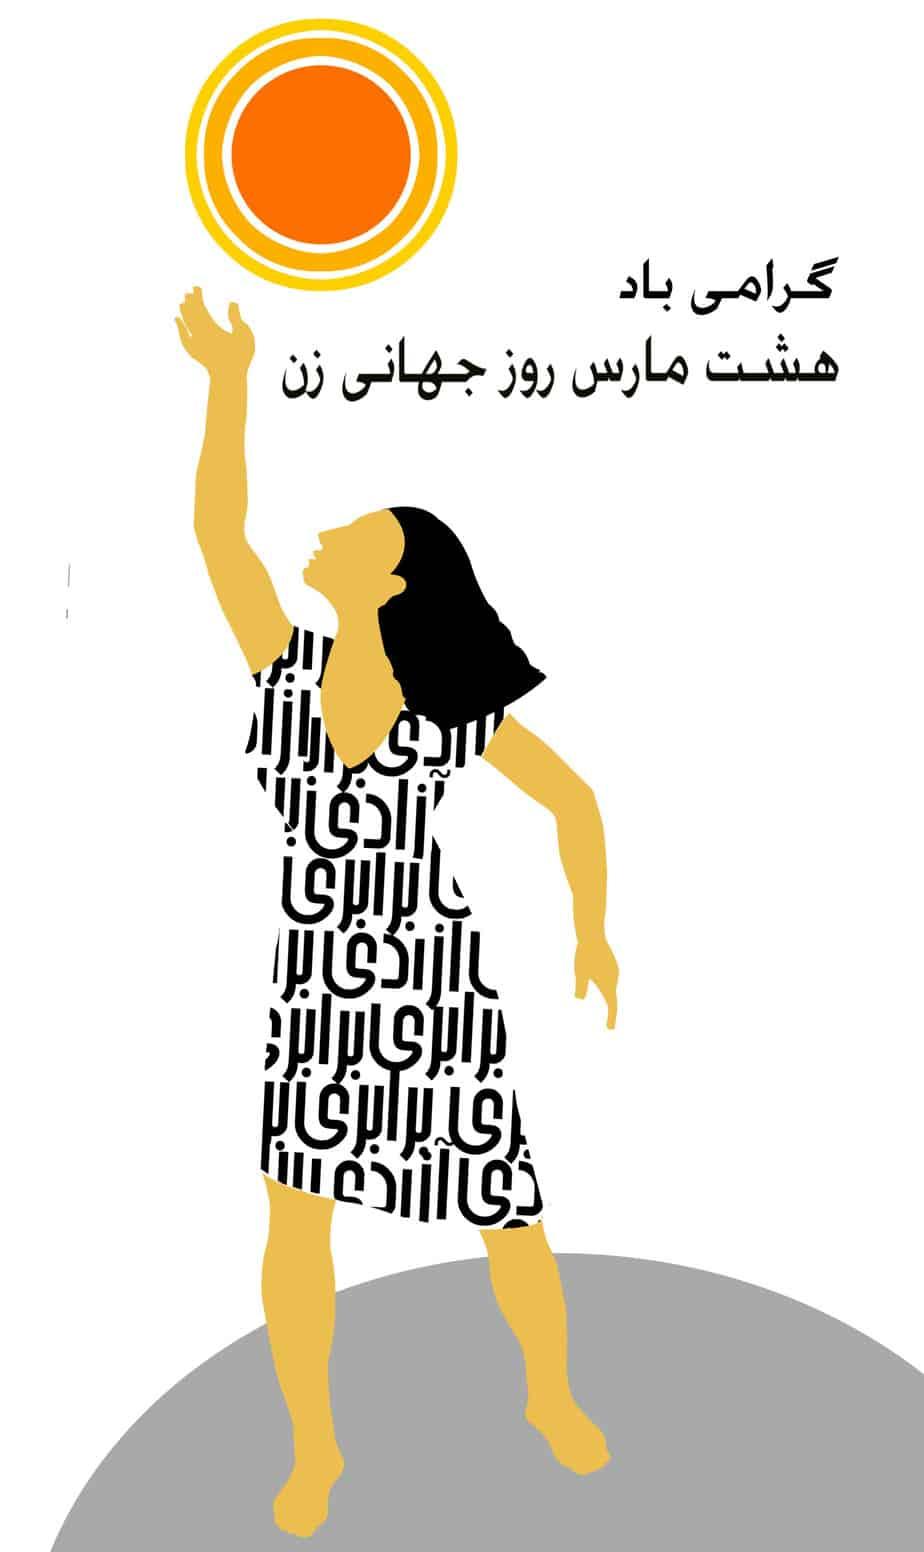 آزادی زن معیار آزادی جامعه است